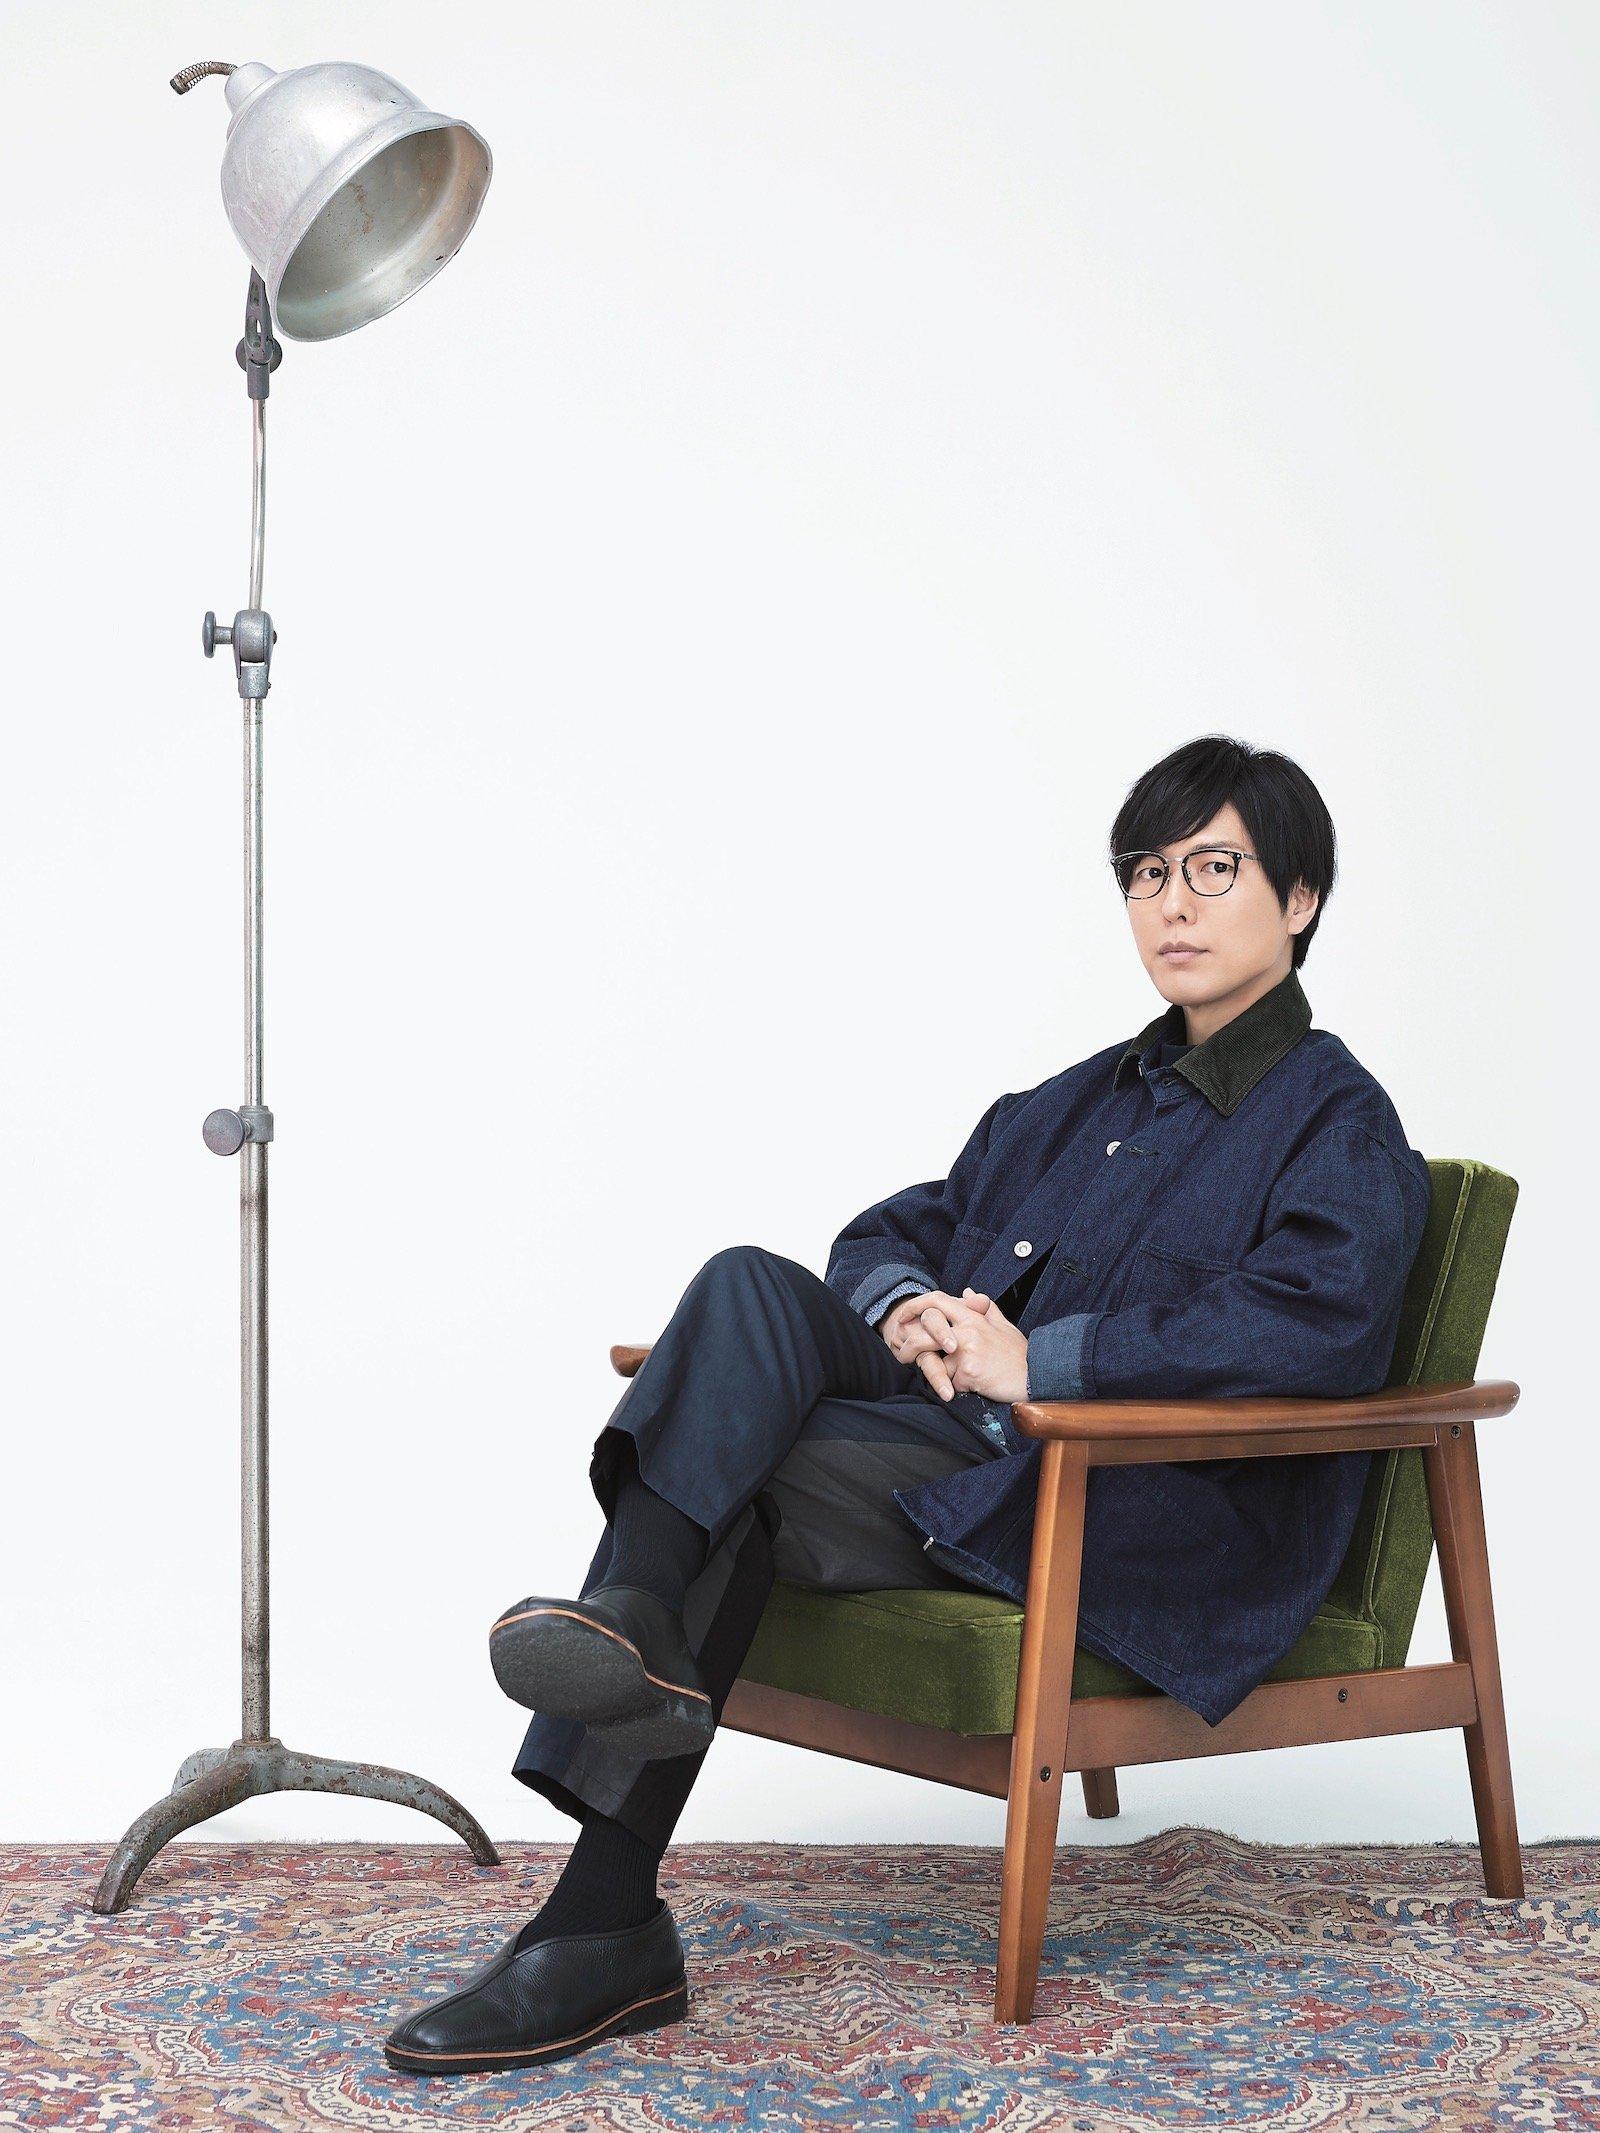 ぶりぶりざえもん役・神谷浩史「子どもが見たいと思うものを映す鏡」『映画クレヨンしんちゃん』の魅力語るの画像001